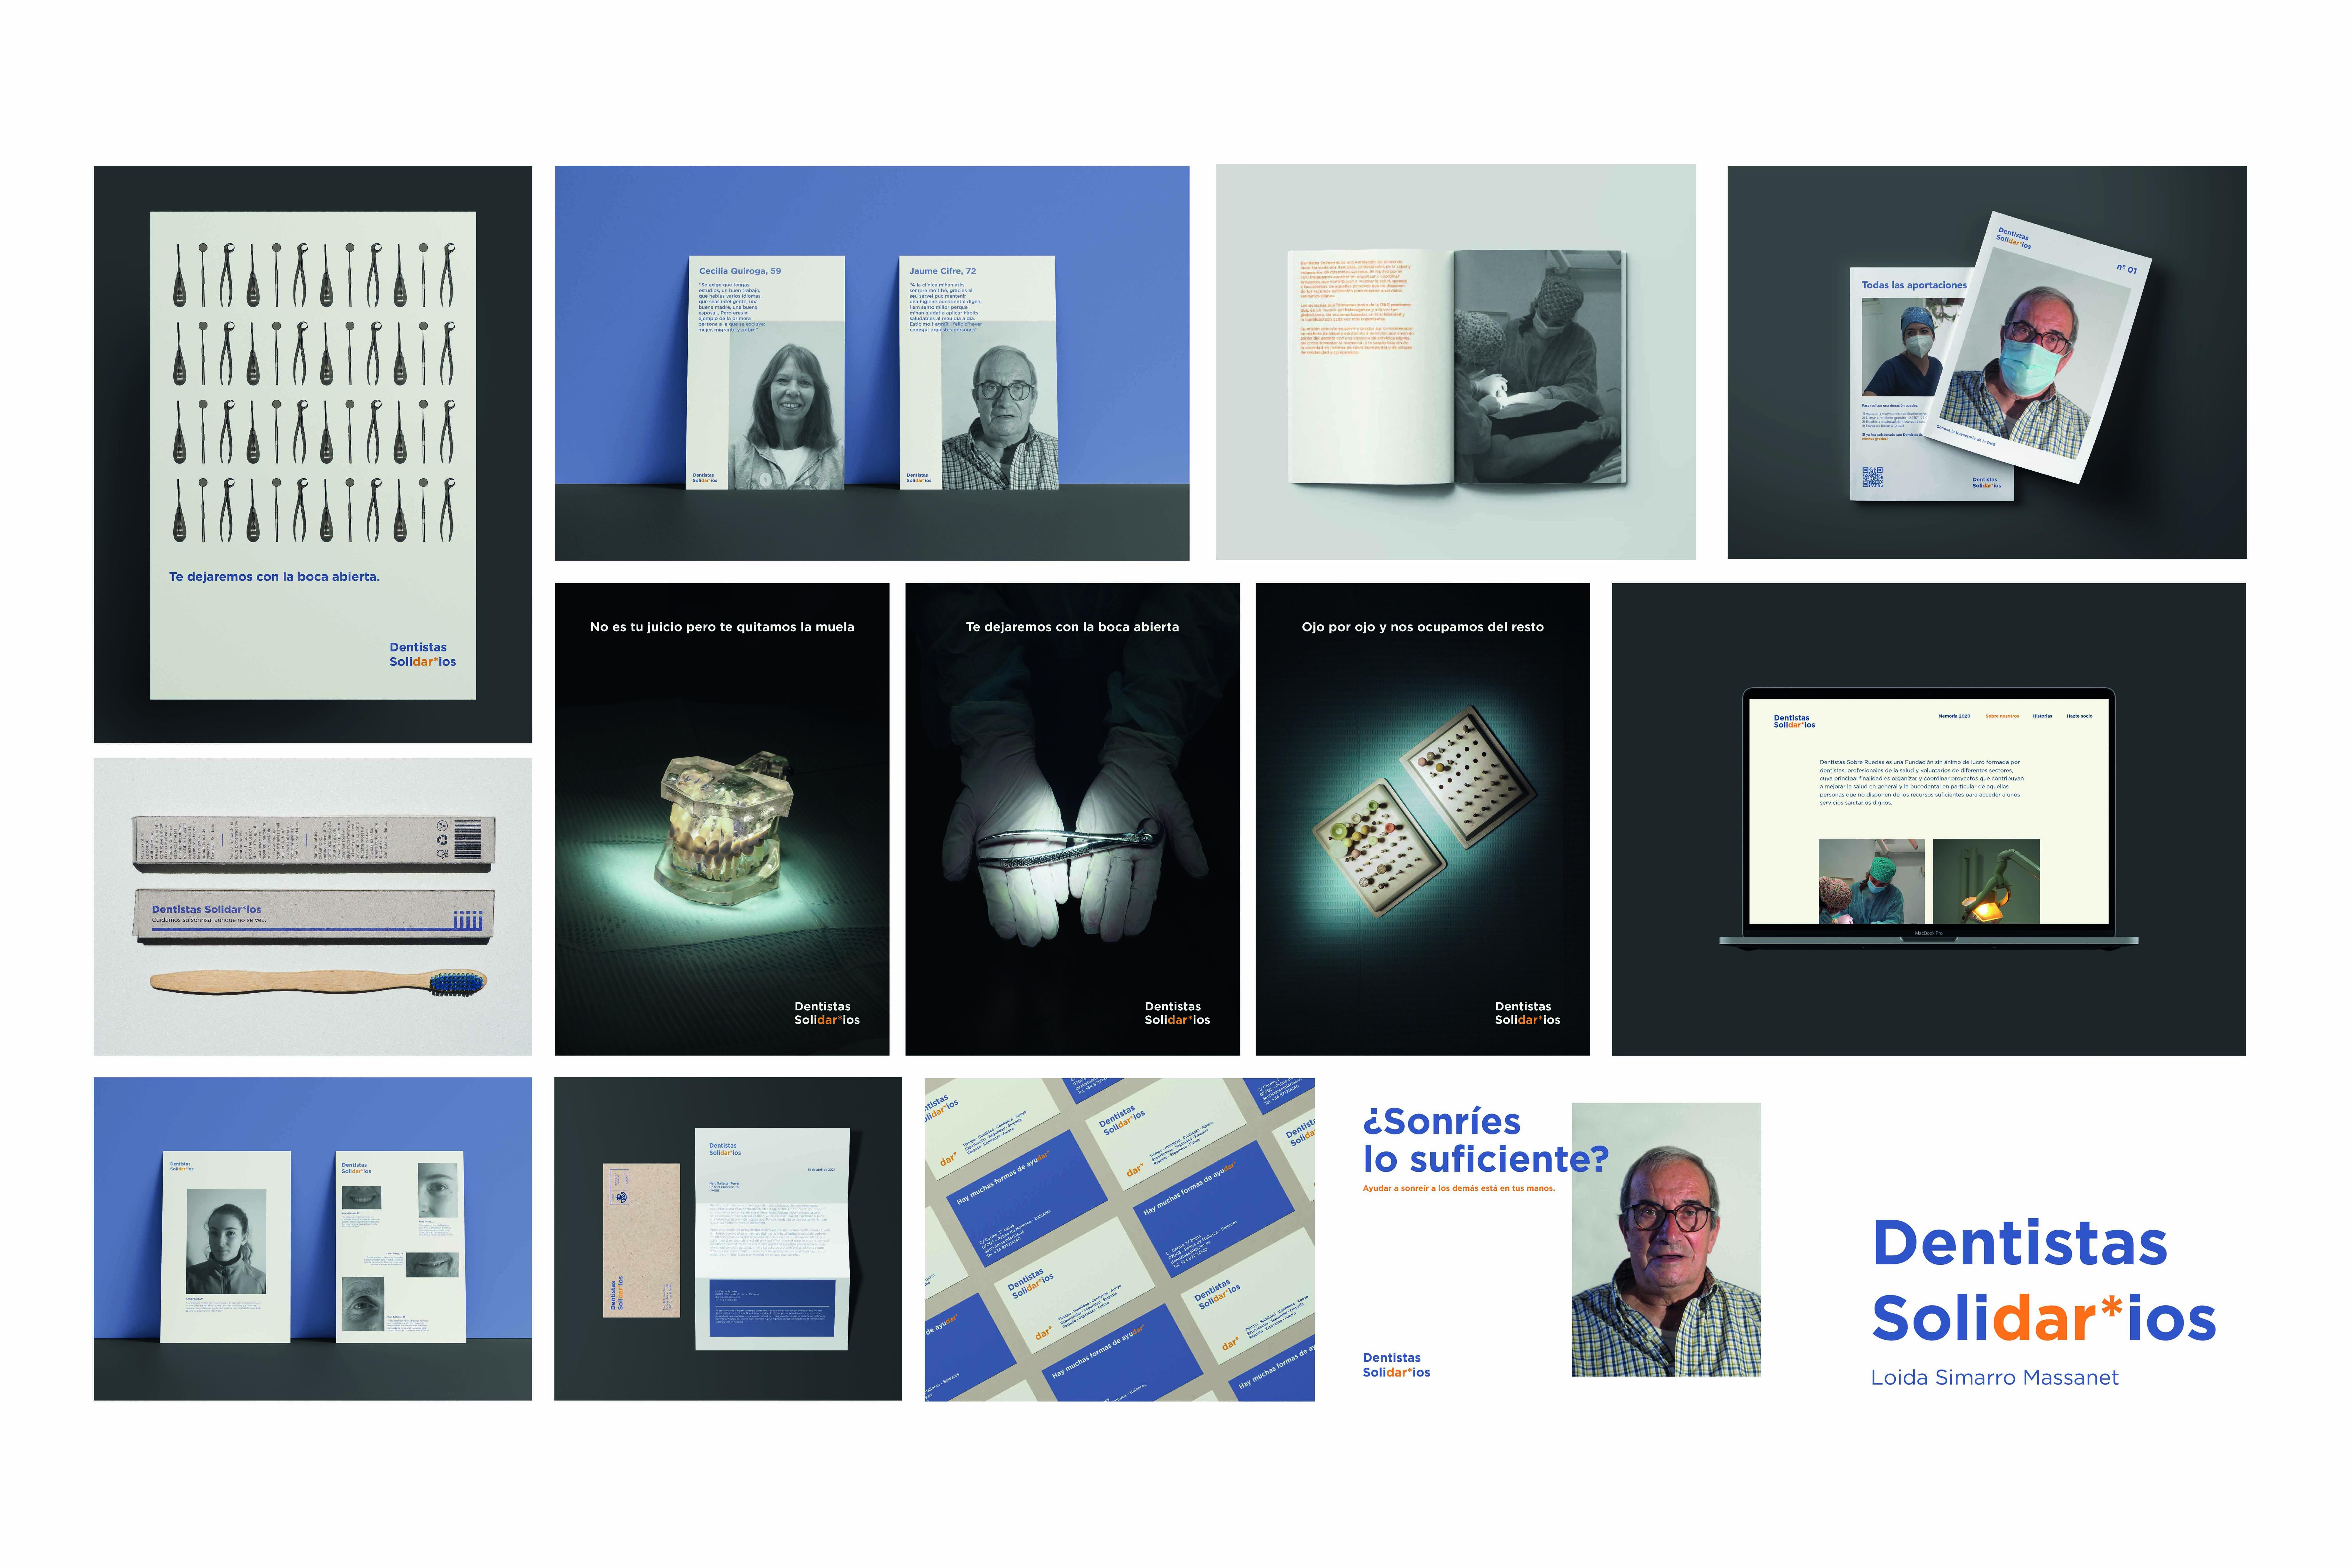 Dentistas Solidarios by Loida Simarro Massanet - Creative Work